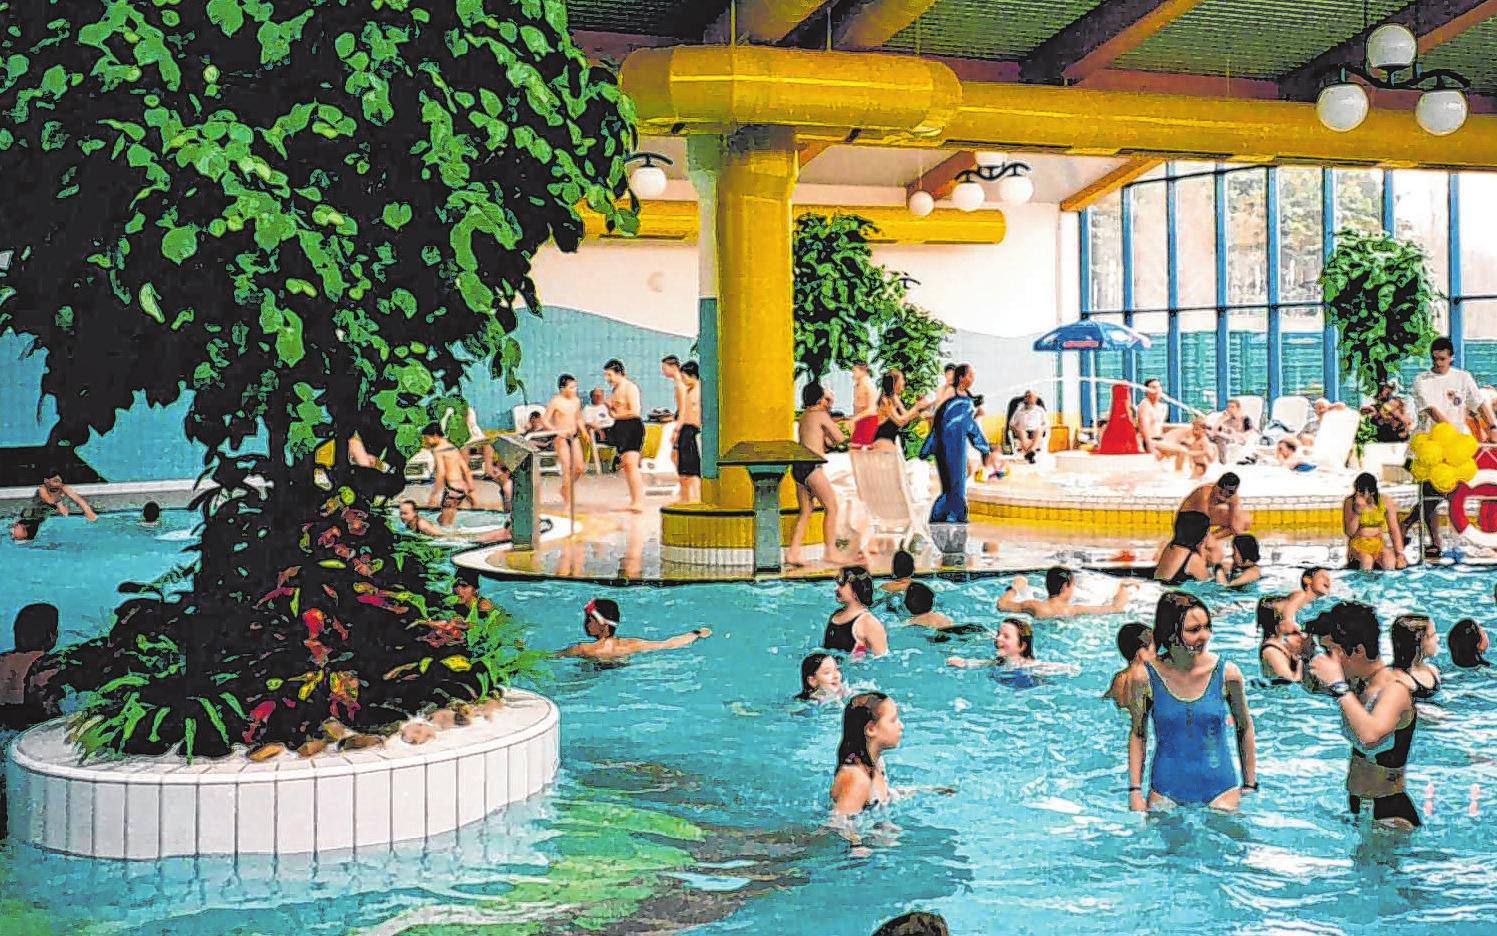 Zu den neuen Attraktionen seit 2000 gehört ein umfangreicher Freizeitbereich. Fotos (5): Privat